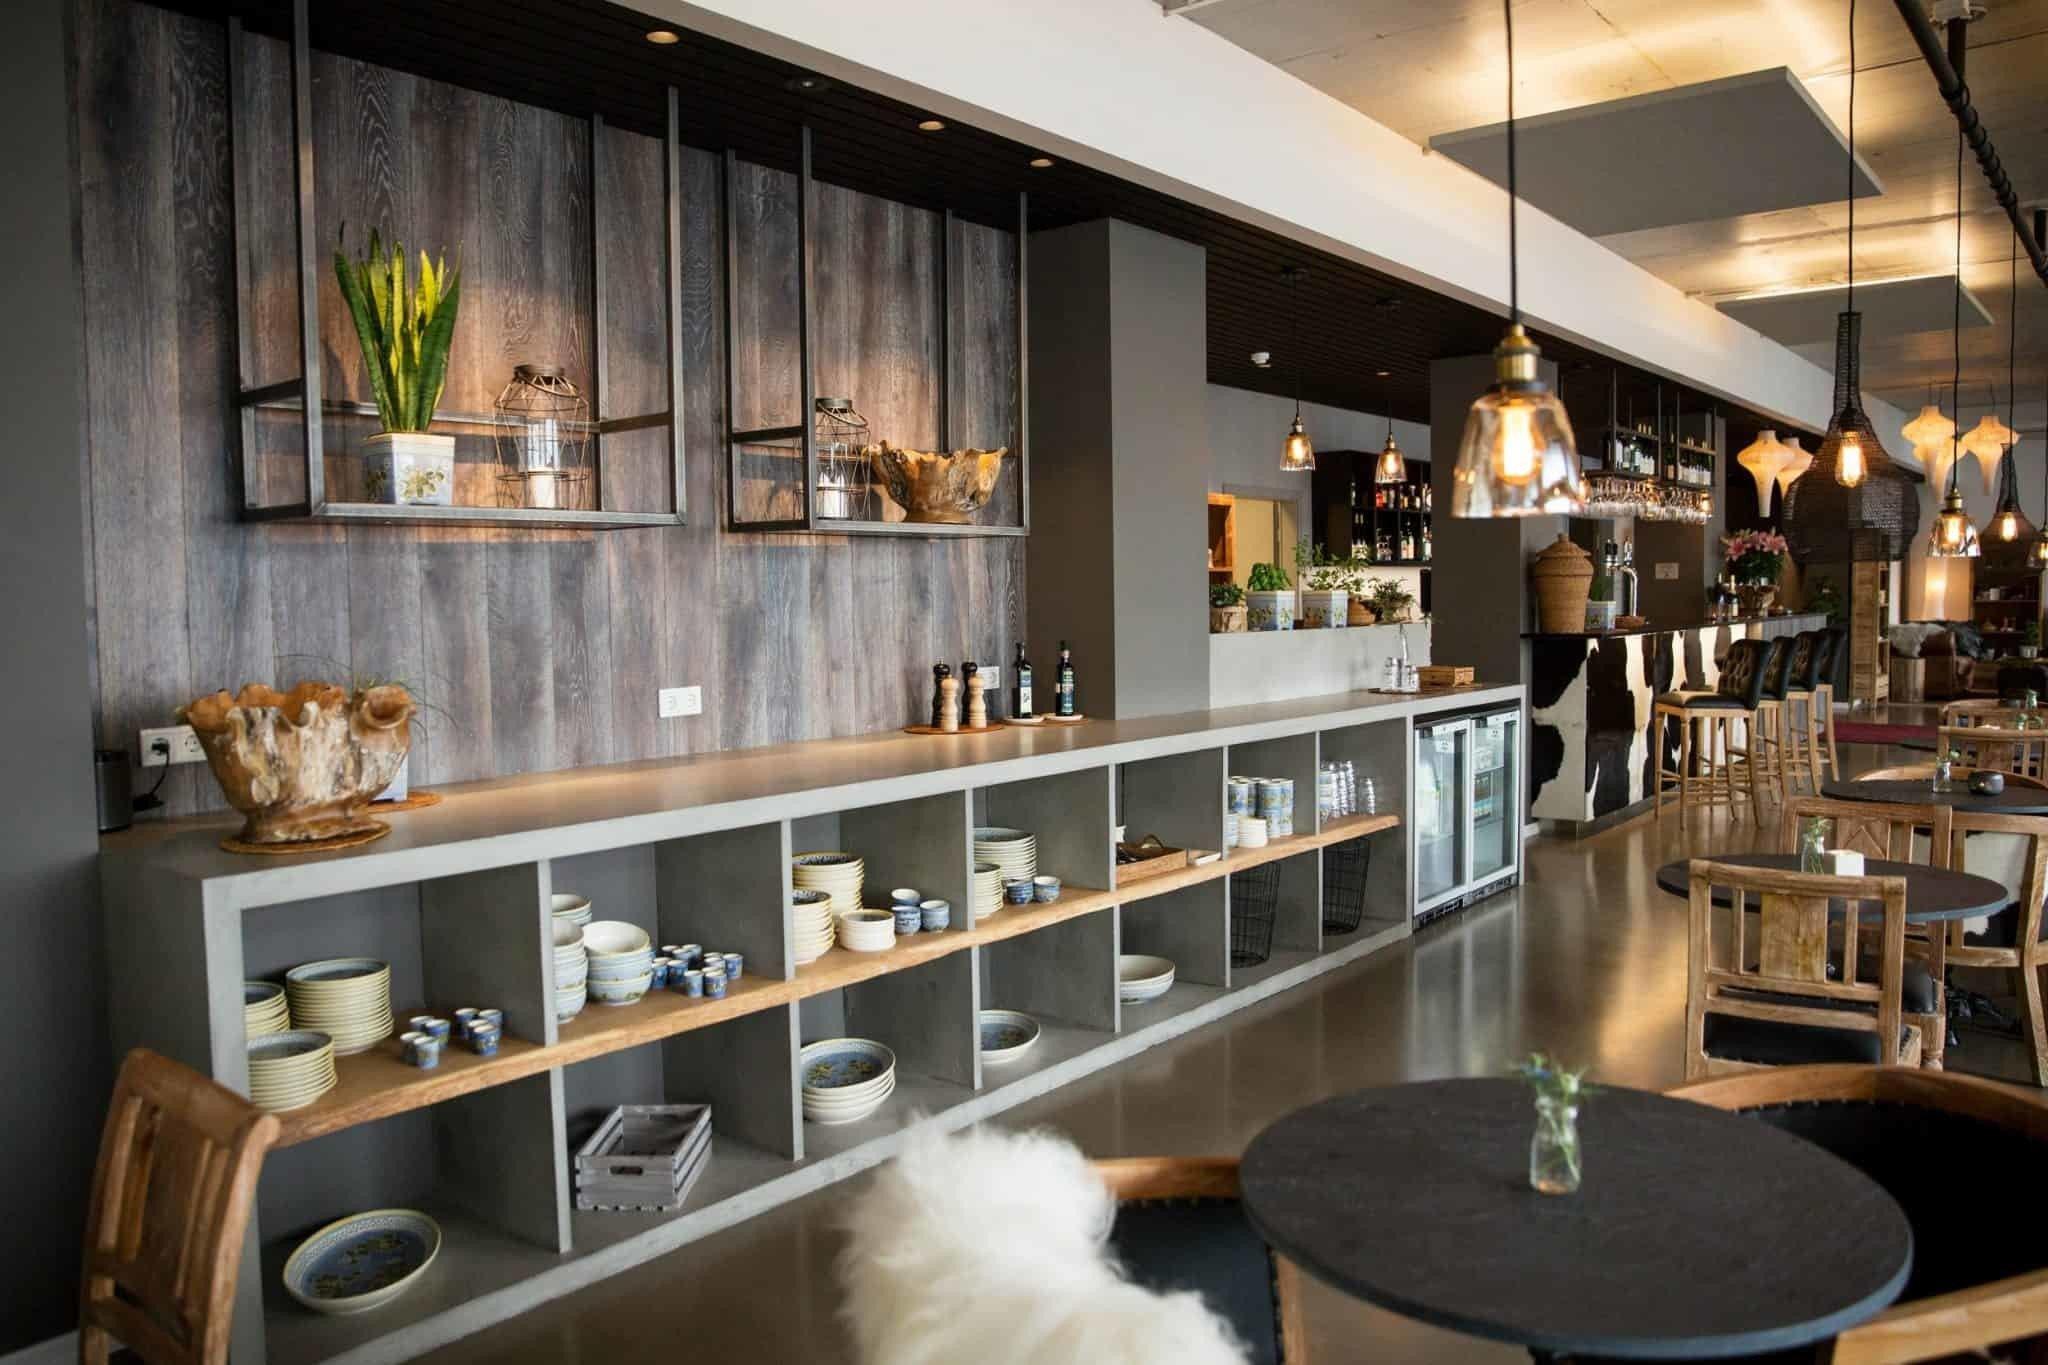 Boutique Hotels Hotels Iceland Reykjavík indoor interior design restaurant café furniture table coffeehouse Bar